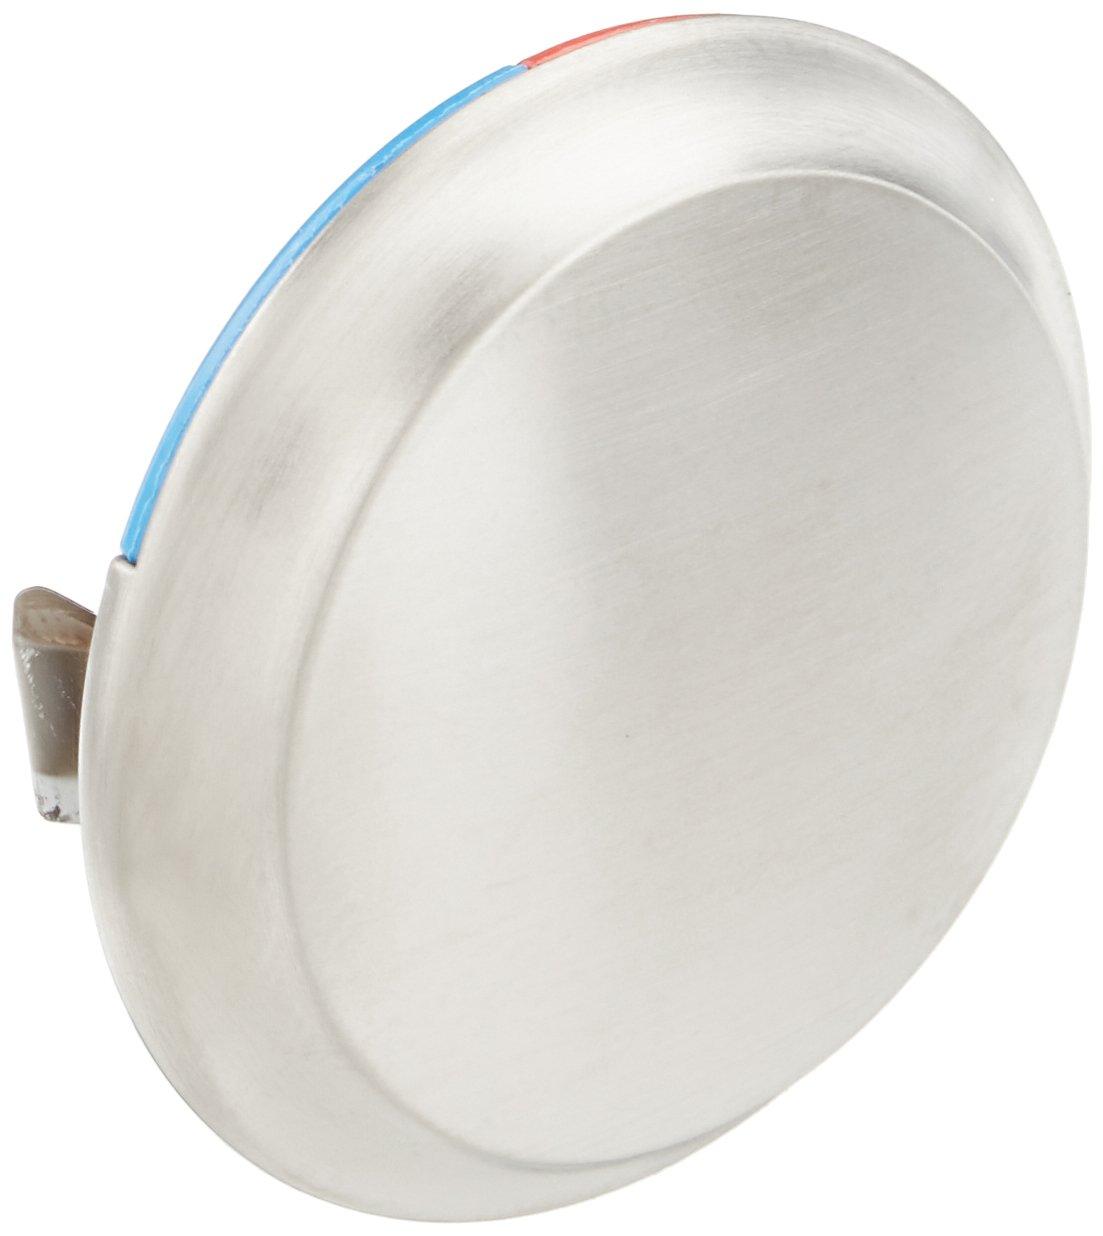 Moen 130976SL Handle Cap Kit